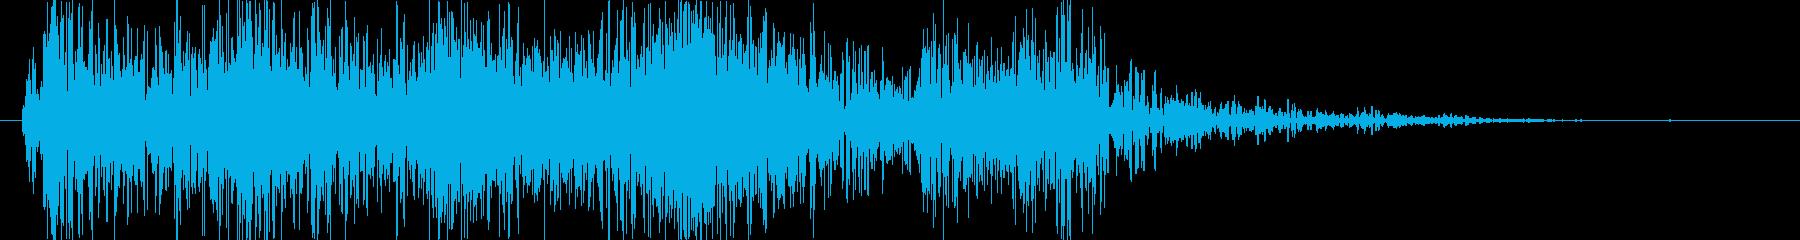 中世 ポートカリスオープン01の再生済みの波形